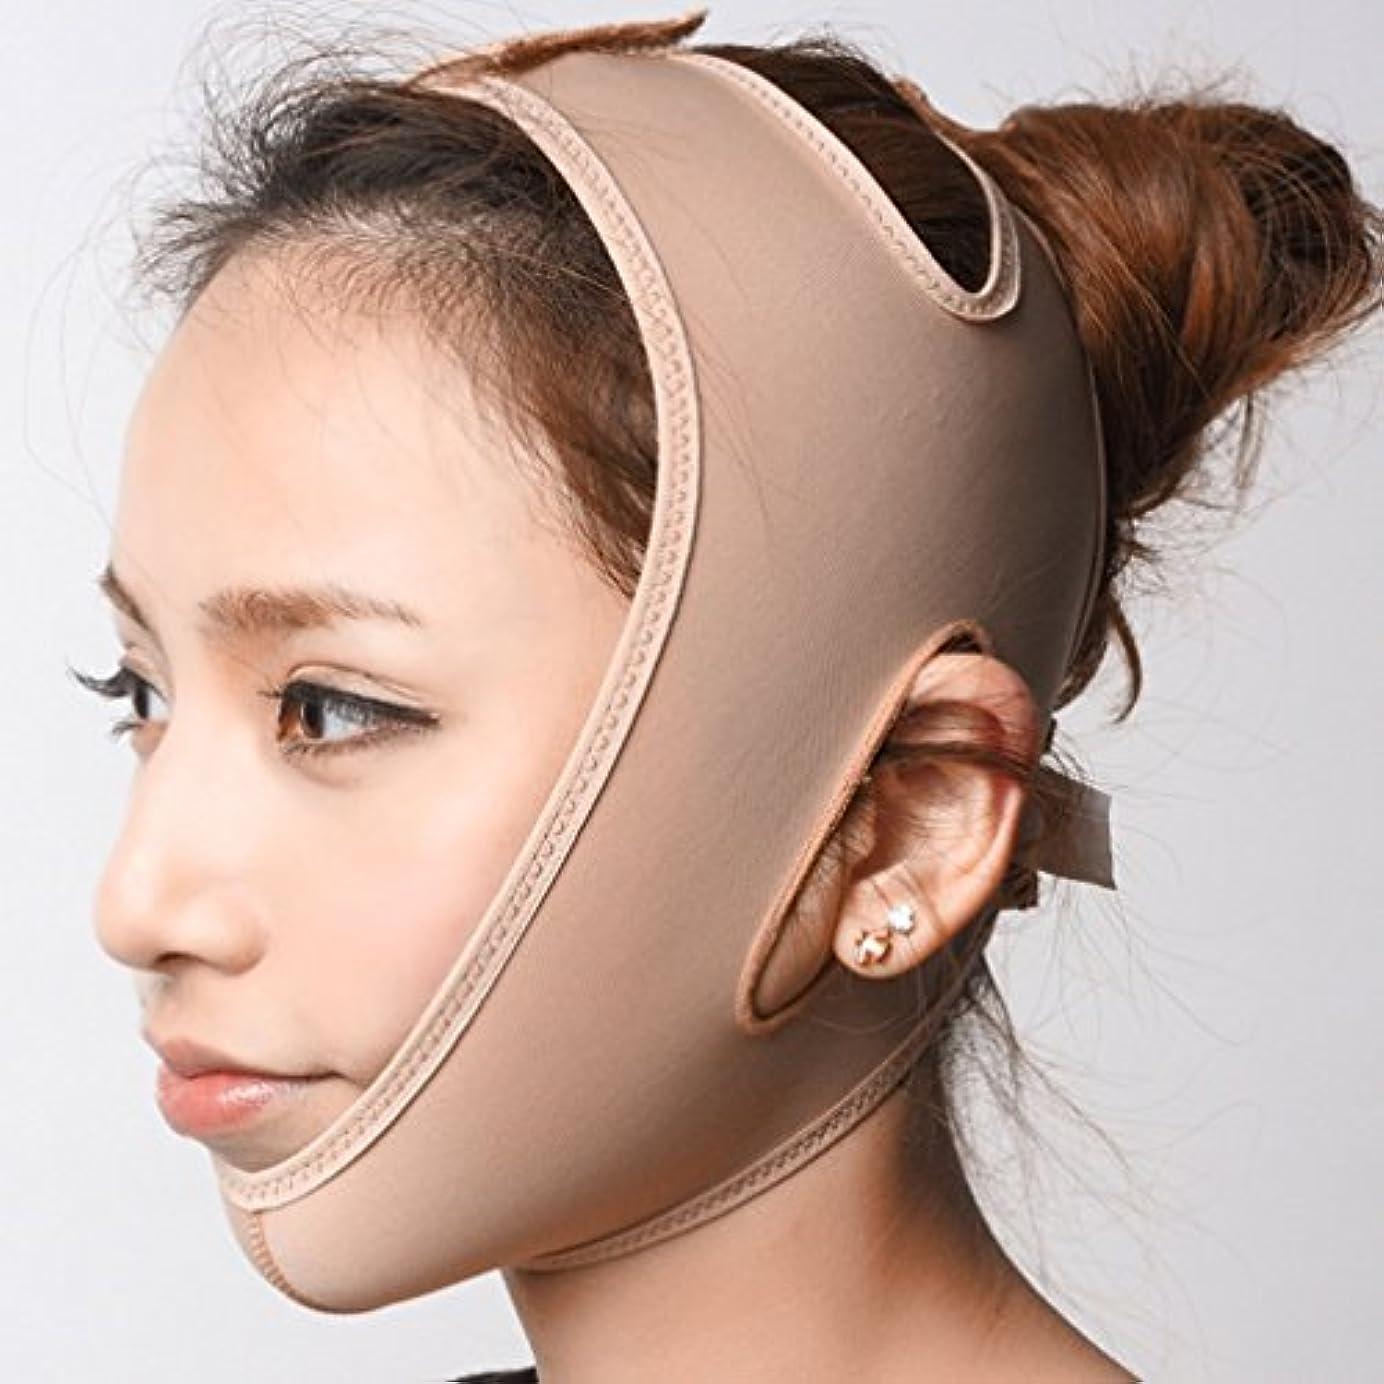 オーチャードスキップ彼らはフェイスマスク 引き上げマスク フェイスラインベルト 小顔マスク 小顔ベルト 頬のたるみ 美容顔マスク 矯正 顔痩せ 額、顎下、頬リフトアップ Mサイズ